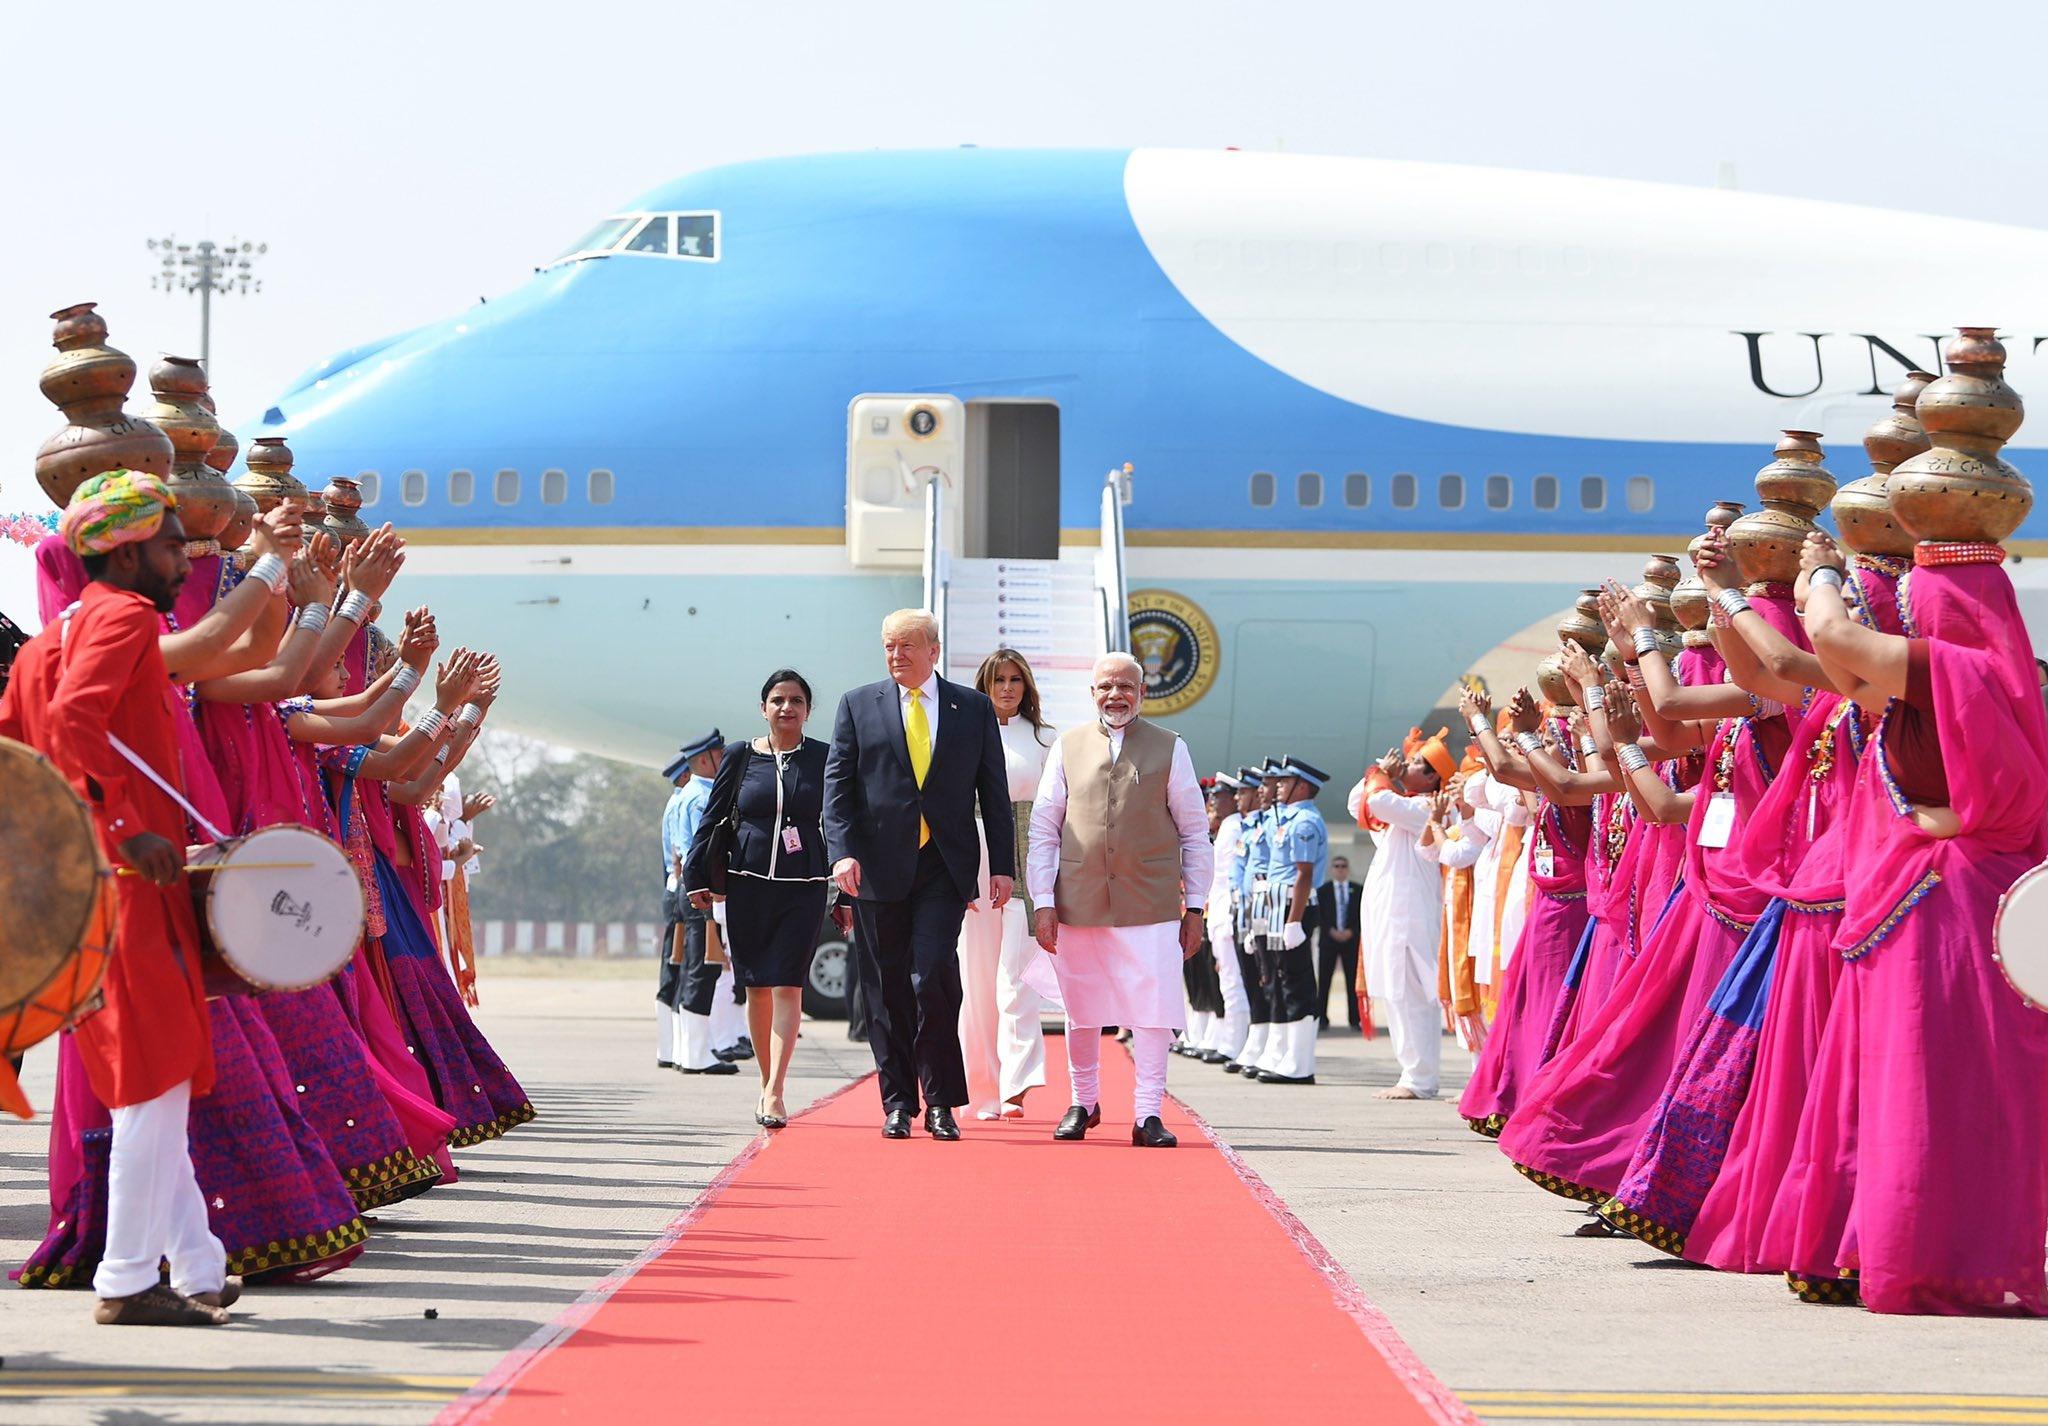 特朗普到访印度 图片来源:莫迪推特截图